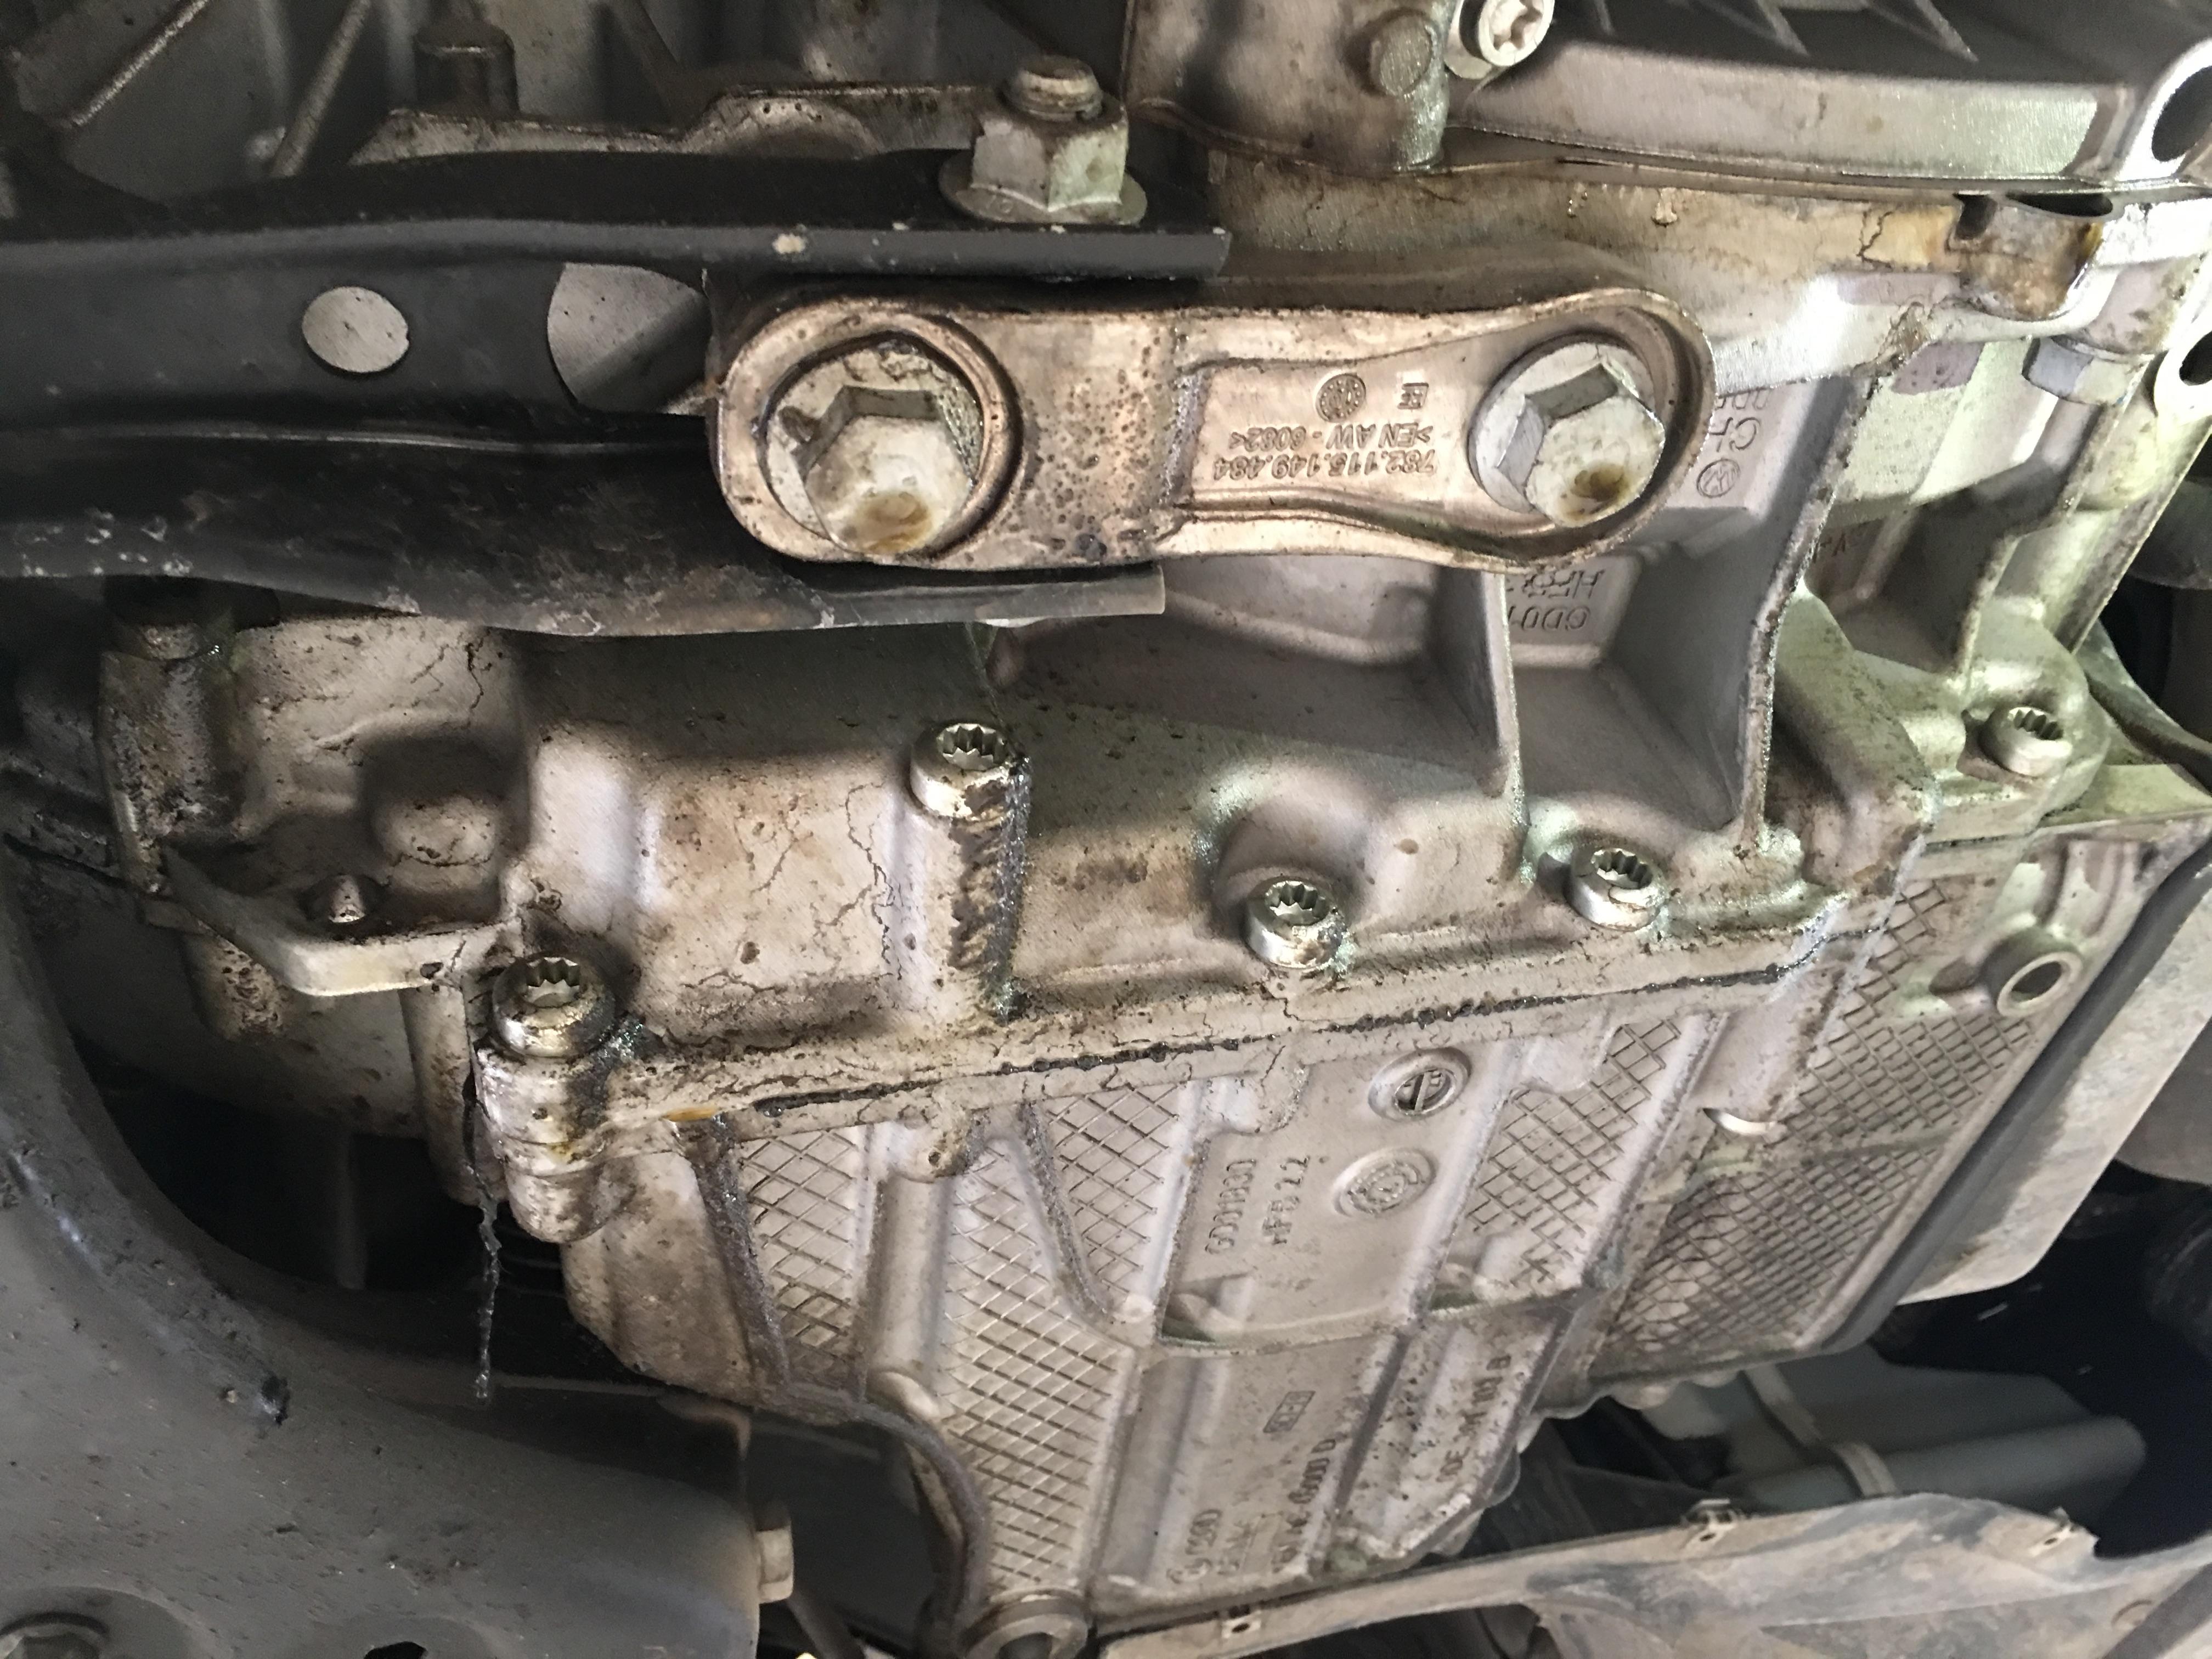 一汽大众-高尔夫 尾灯开裂,变速箱漏油,4S店喷漆工艺差